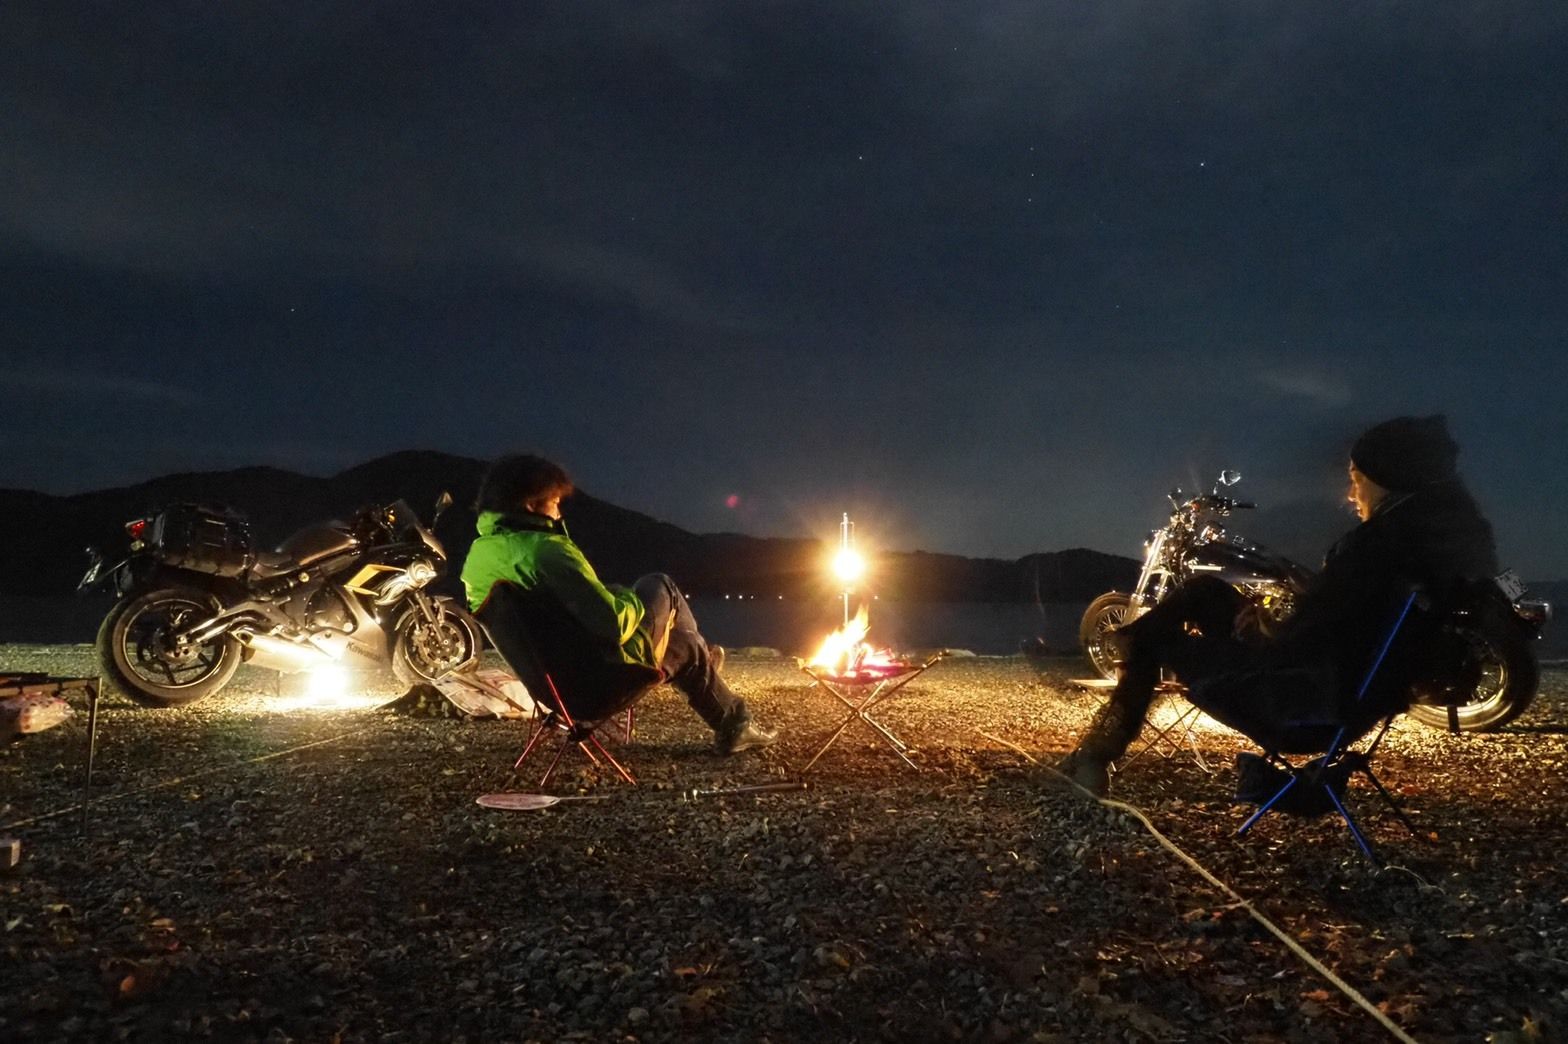 ぴきーちハーレーブログ 奥琵琶湖キャンプツーリング 二本松キャンプ場 キャンプ 夜更け ウィスキー 焚き火